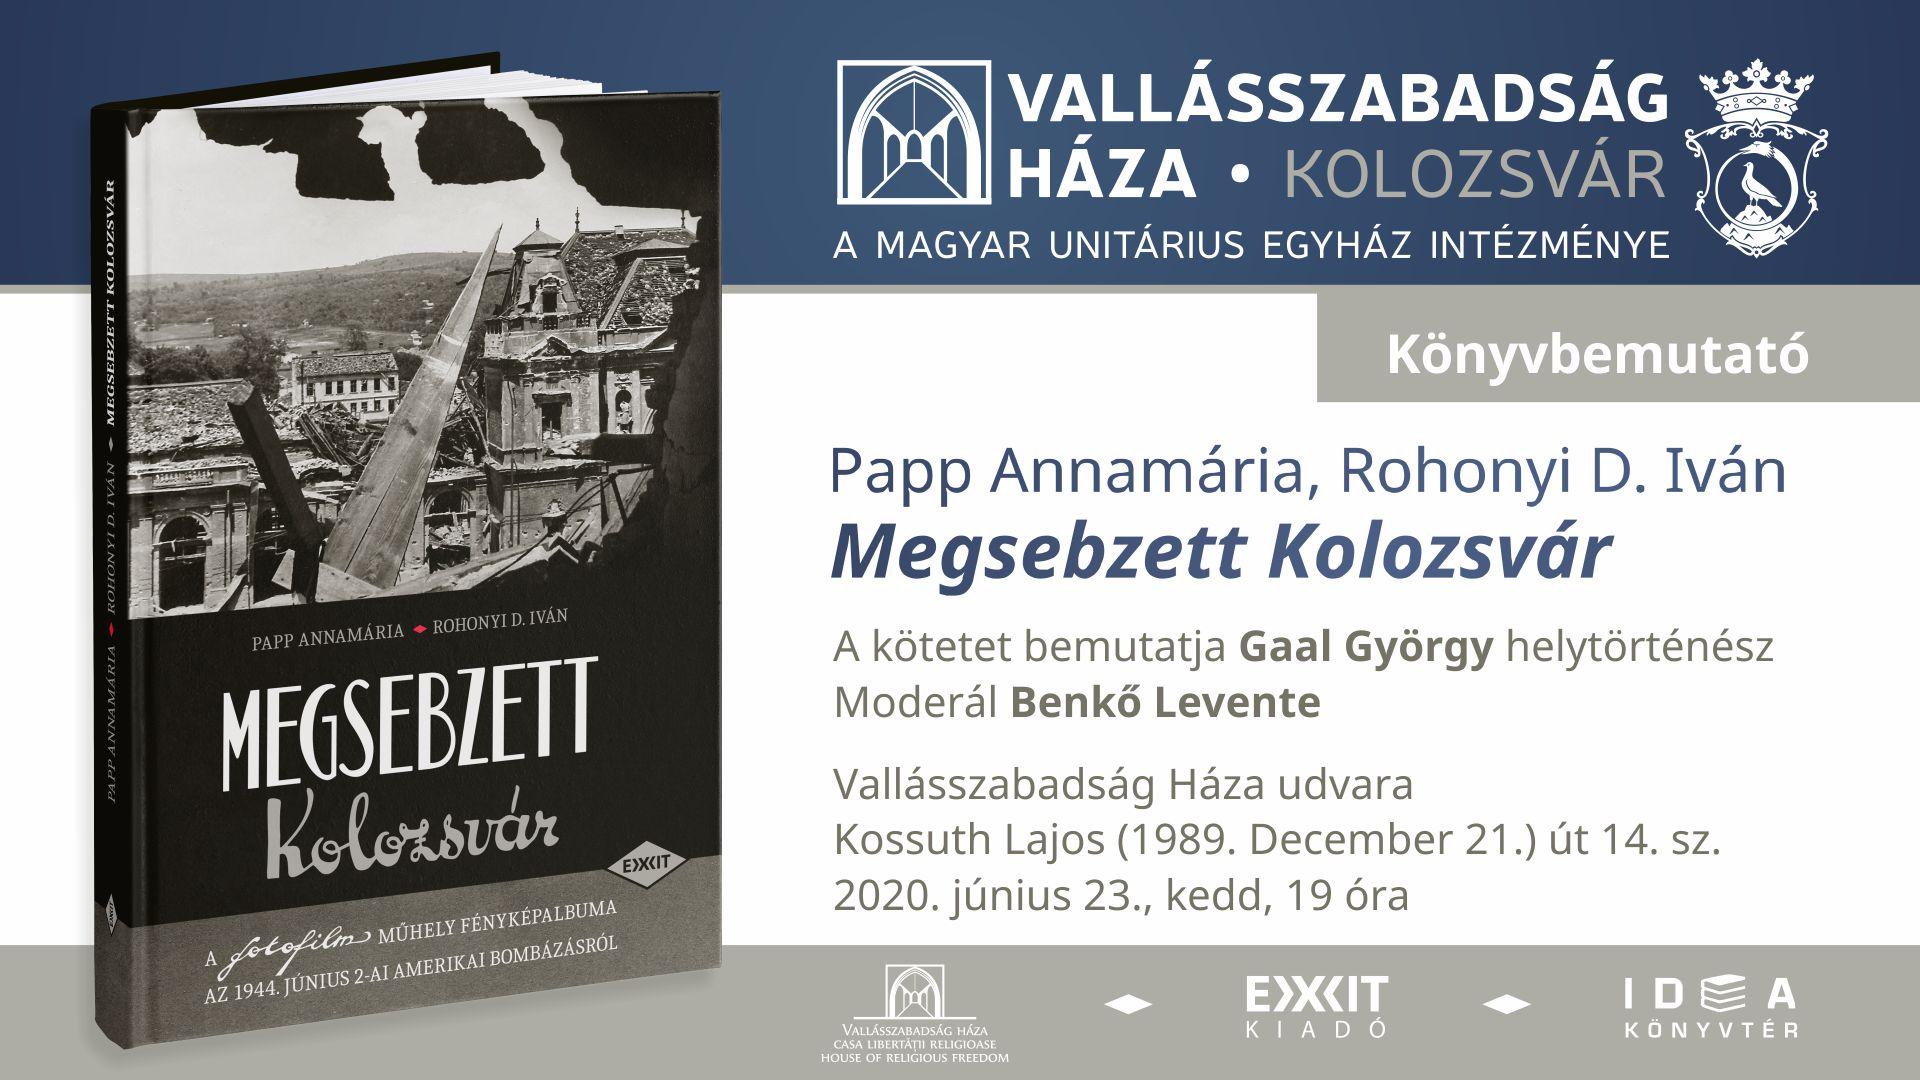 Megsebzett Kolozsvár könyvbemutató a Vallásszabadság Házában